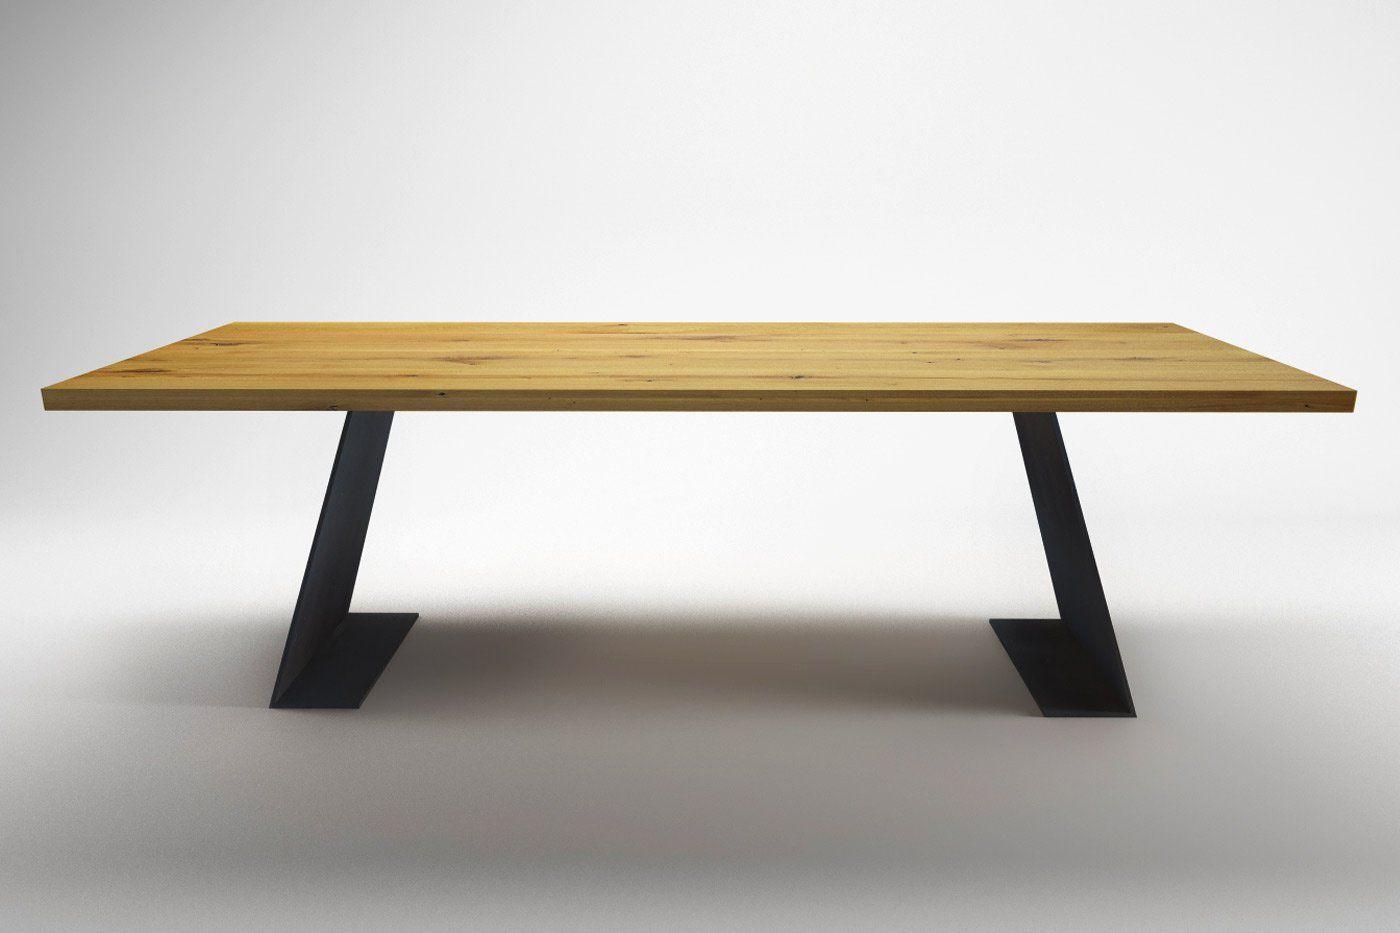 Holztisch design esstisch  Tisch Wangen Farum Stahl - Ansicht 4 | Wohnsektion | Pinterest ...